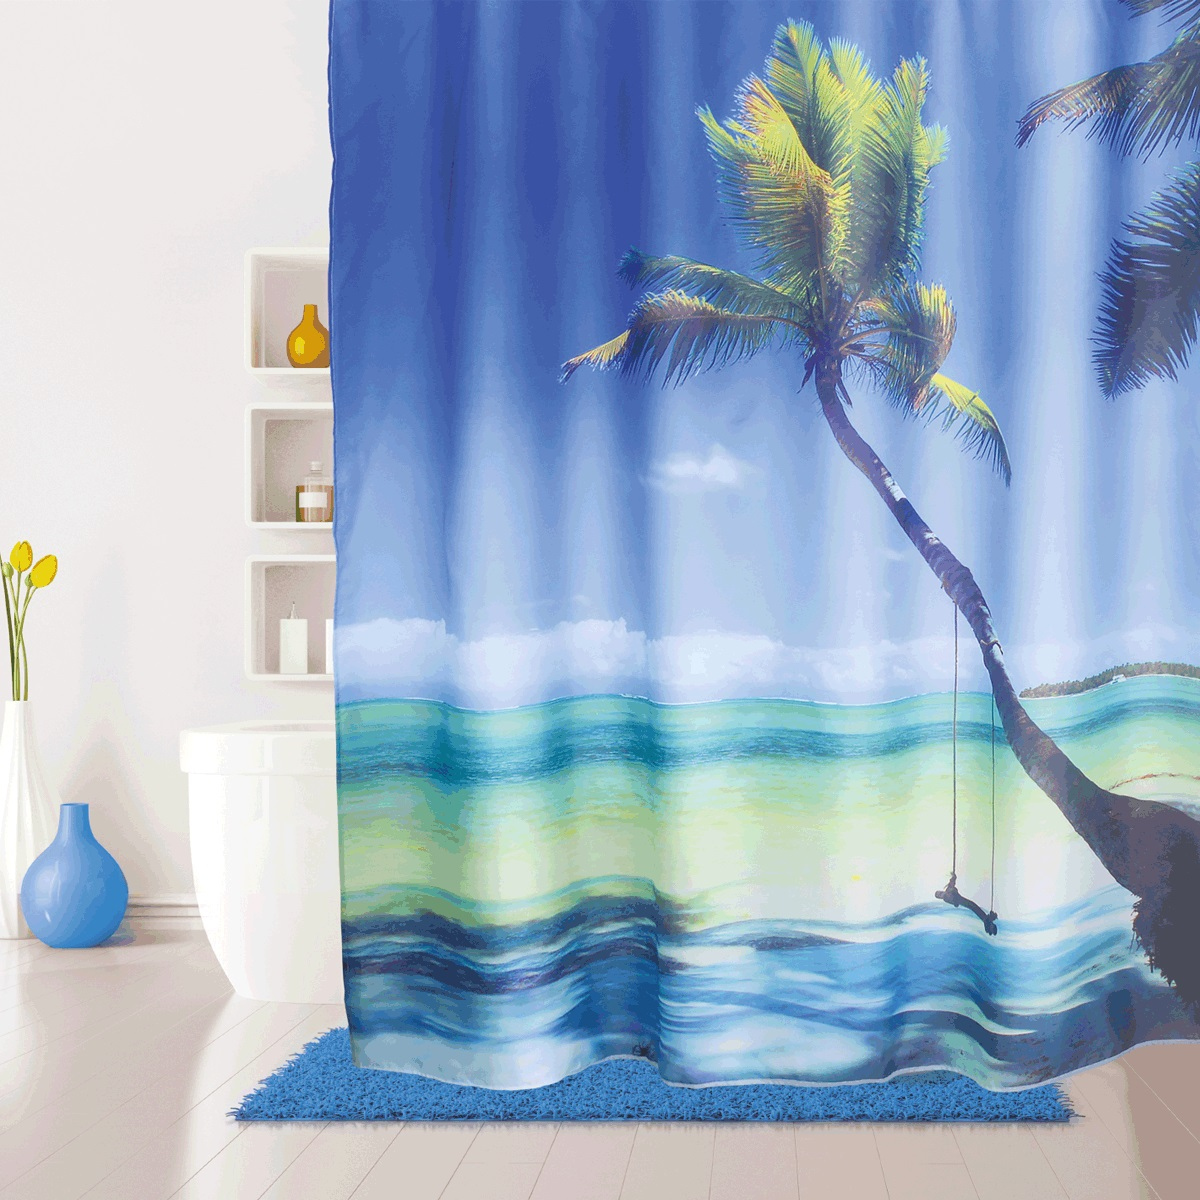 Штора для ванной Iddis Maldivian, цвет: голубой, 180 x 200 см штора для ванной iddis curved lines blue цвет голубой 200 x 200 см